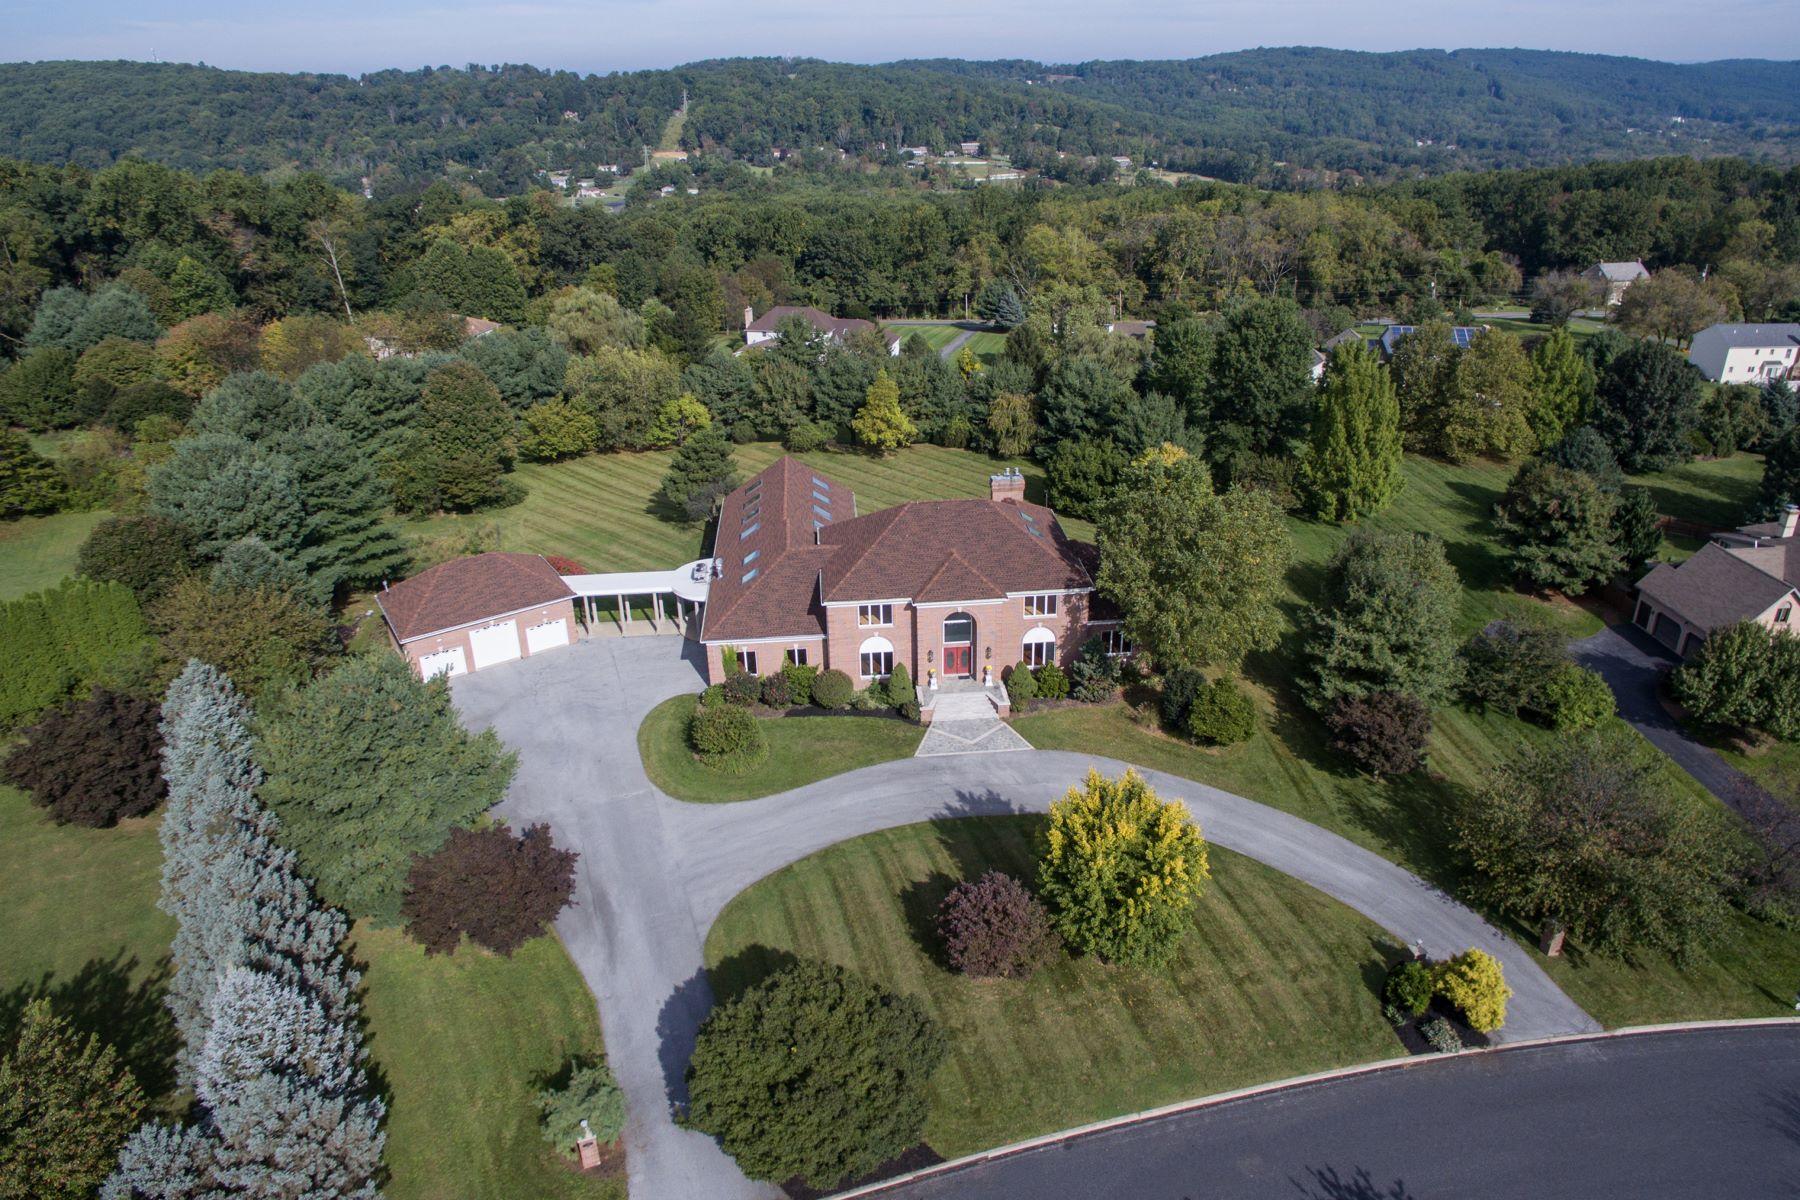 Частный односемейный дом для того Продажа на 2365 Westminster Dr Emmaus, Пенсильвания 18049 Соединенные Штаты